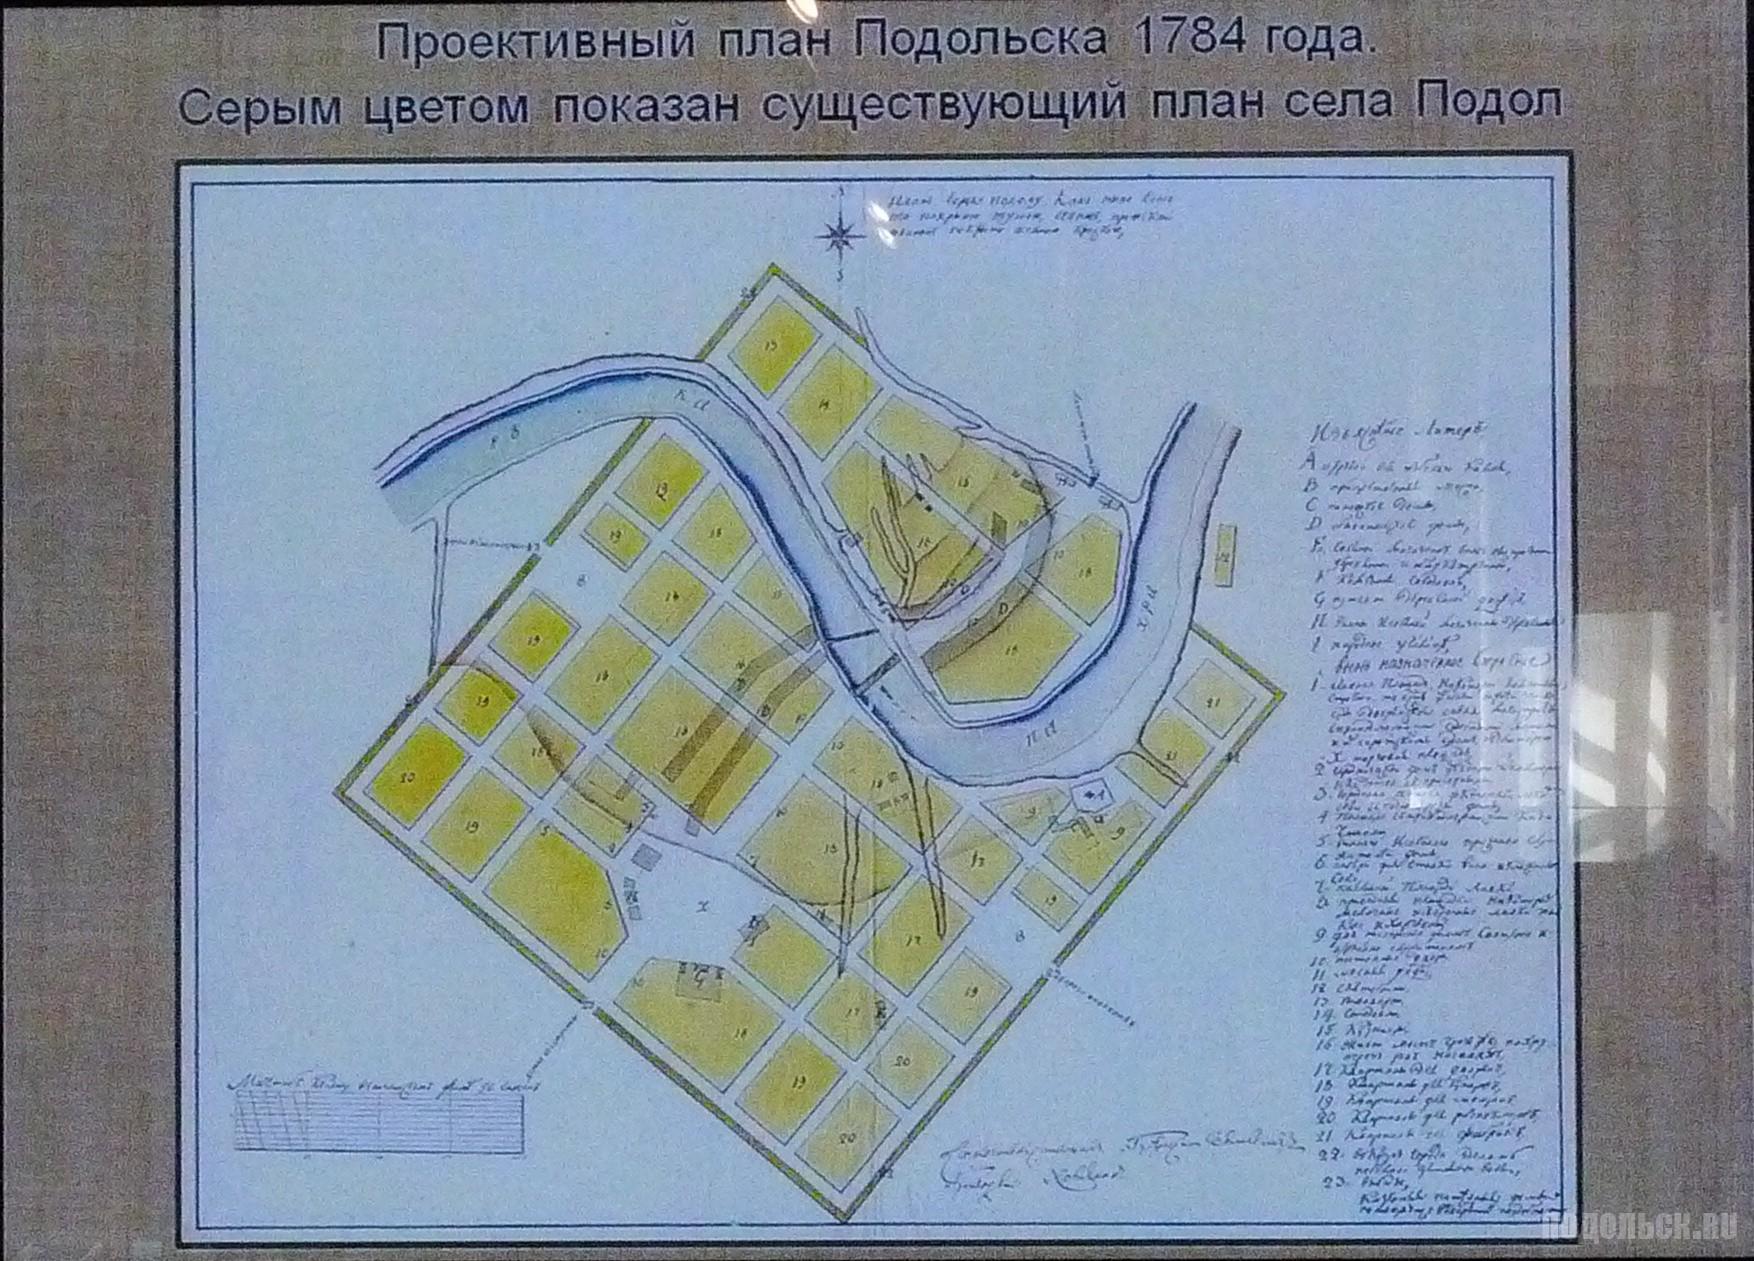 Серым цветом показан существующий план села Подол.